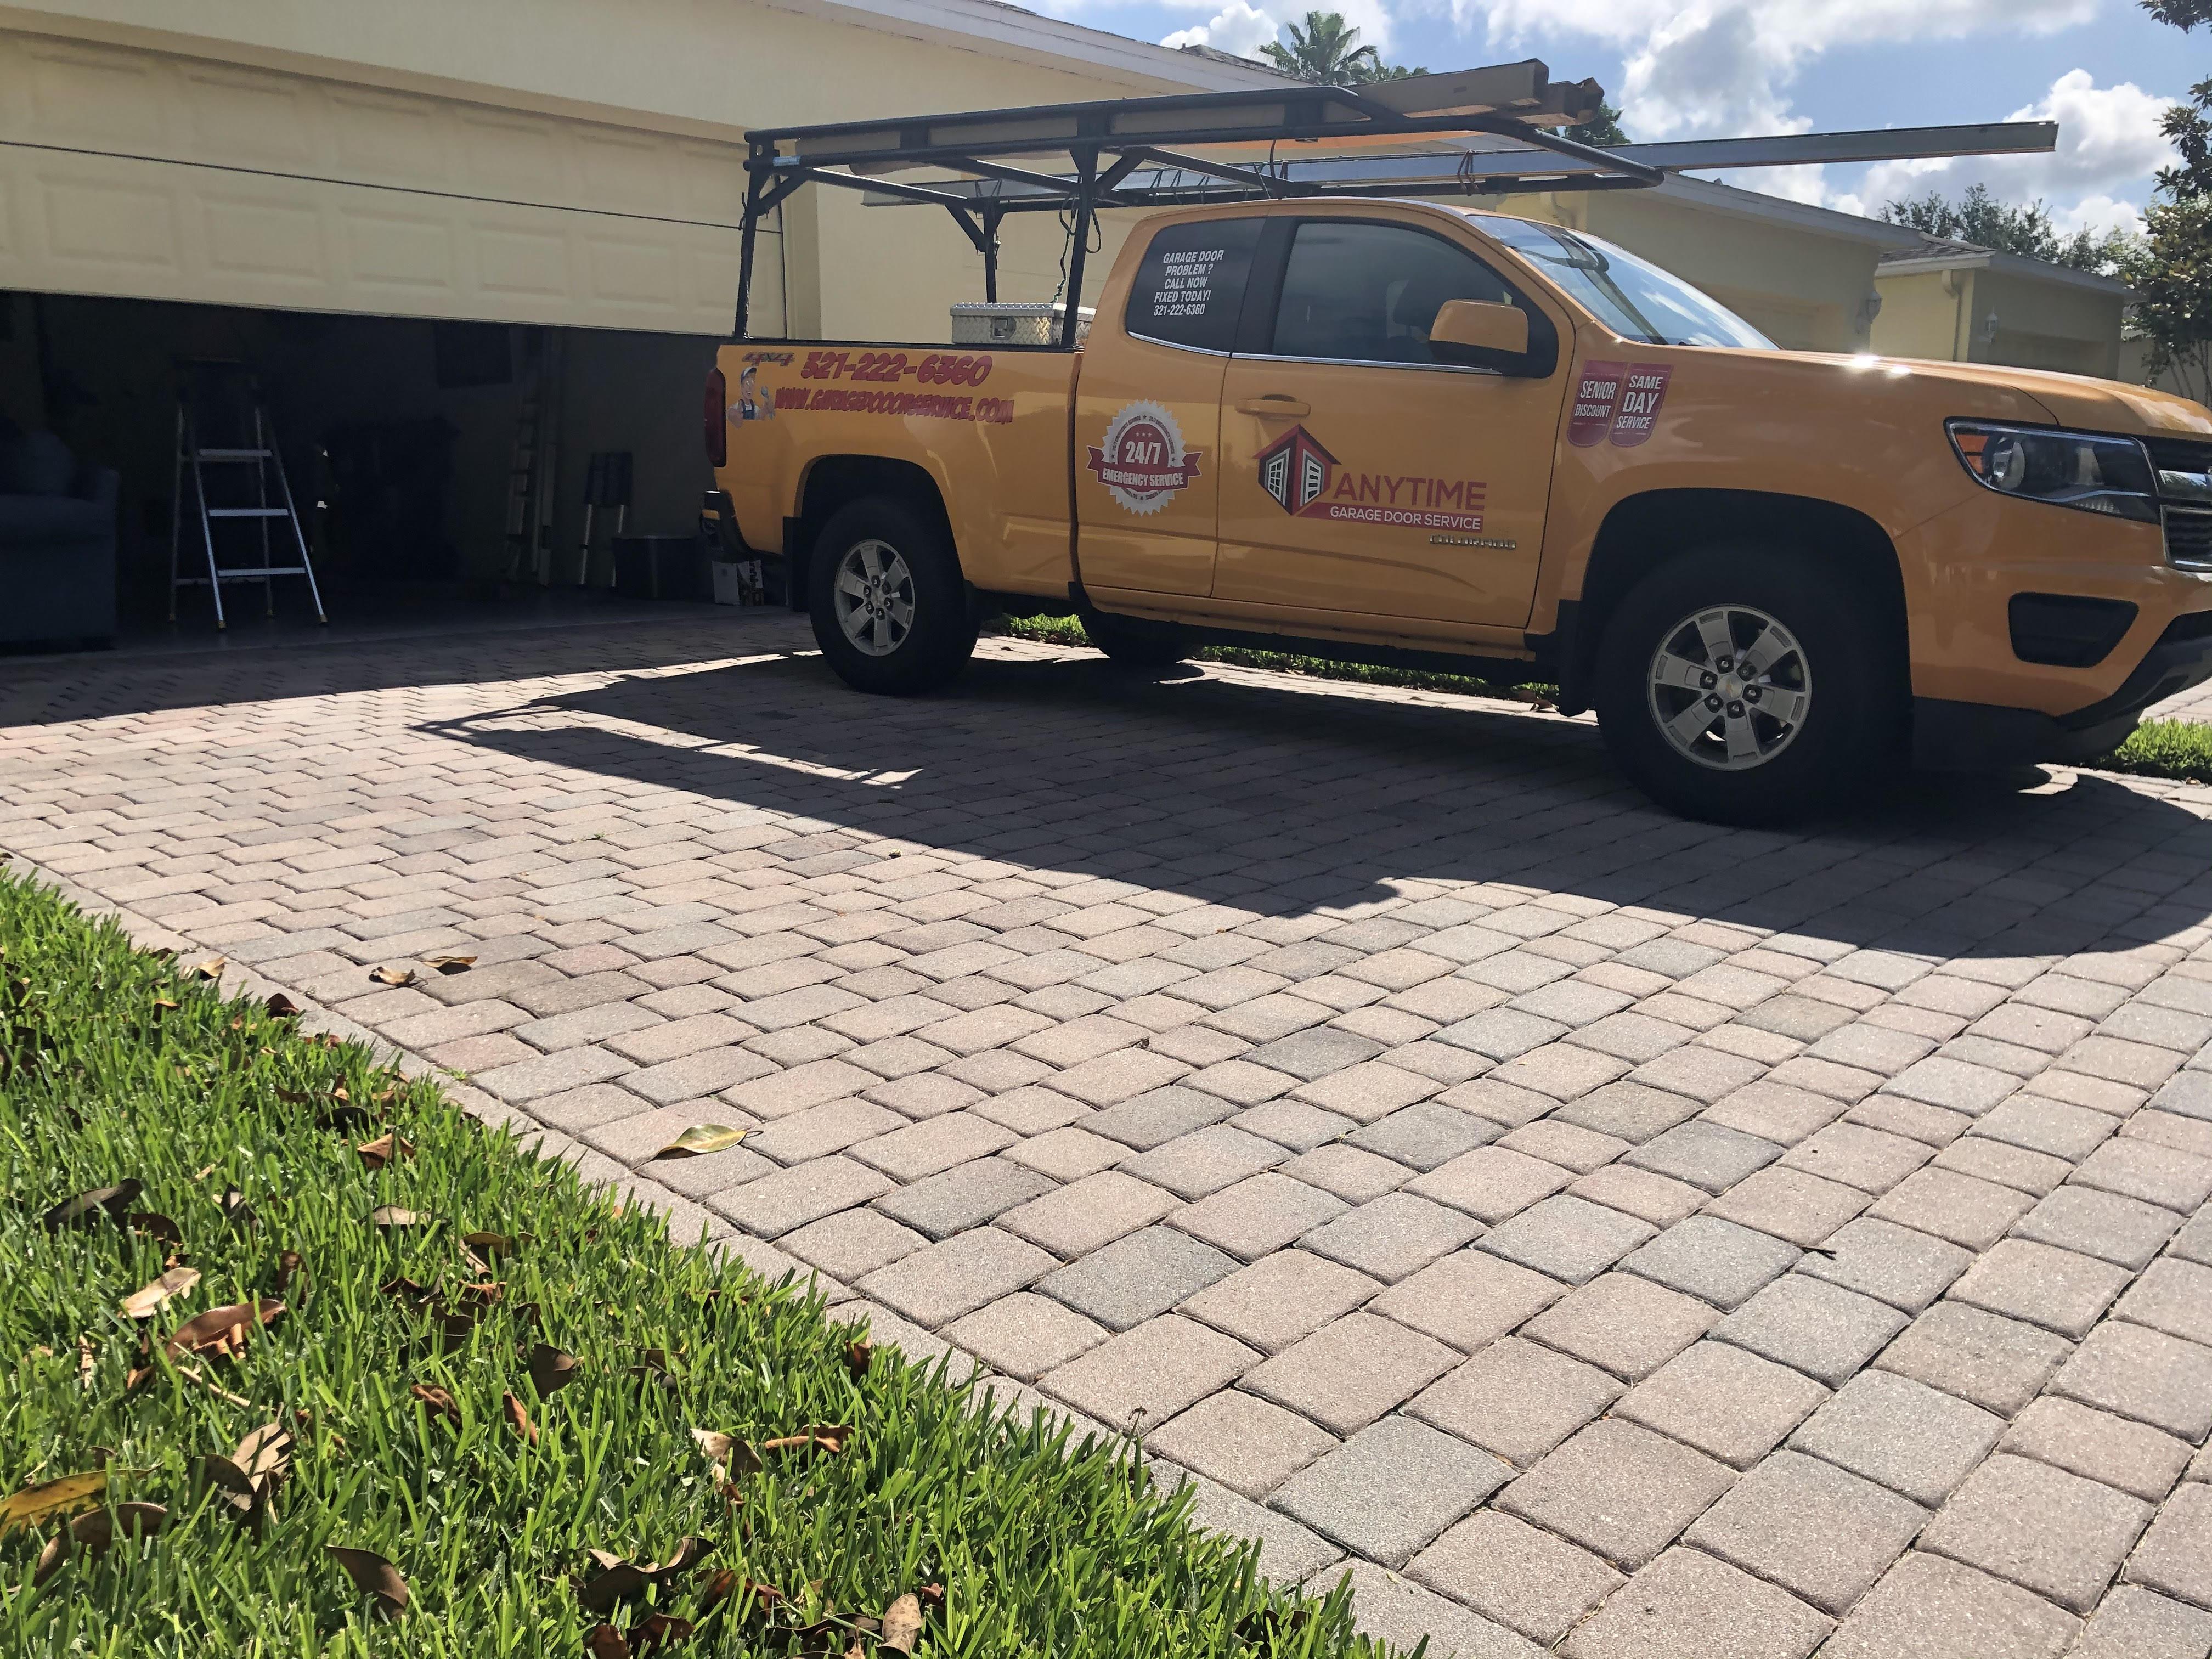 orlando anytime garage door service.jpg